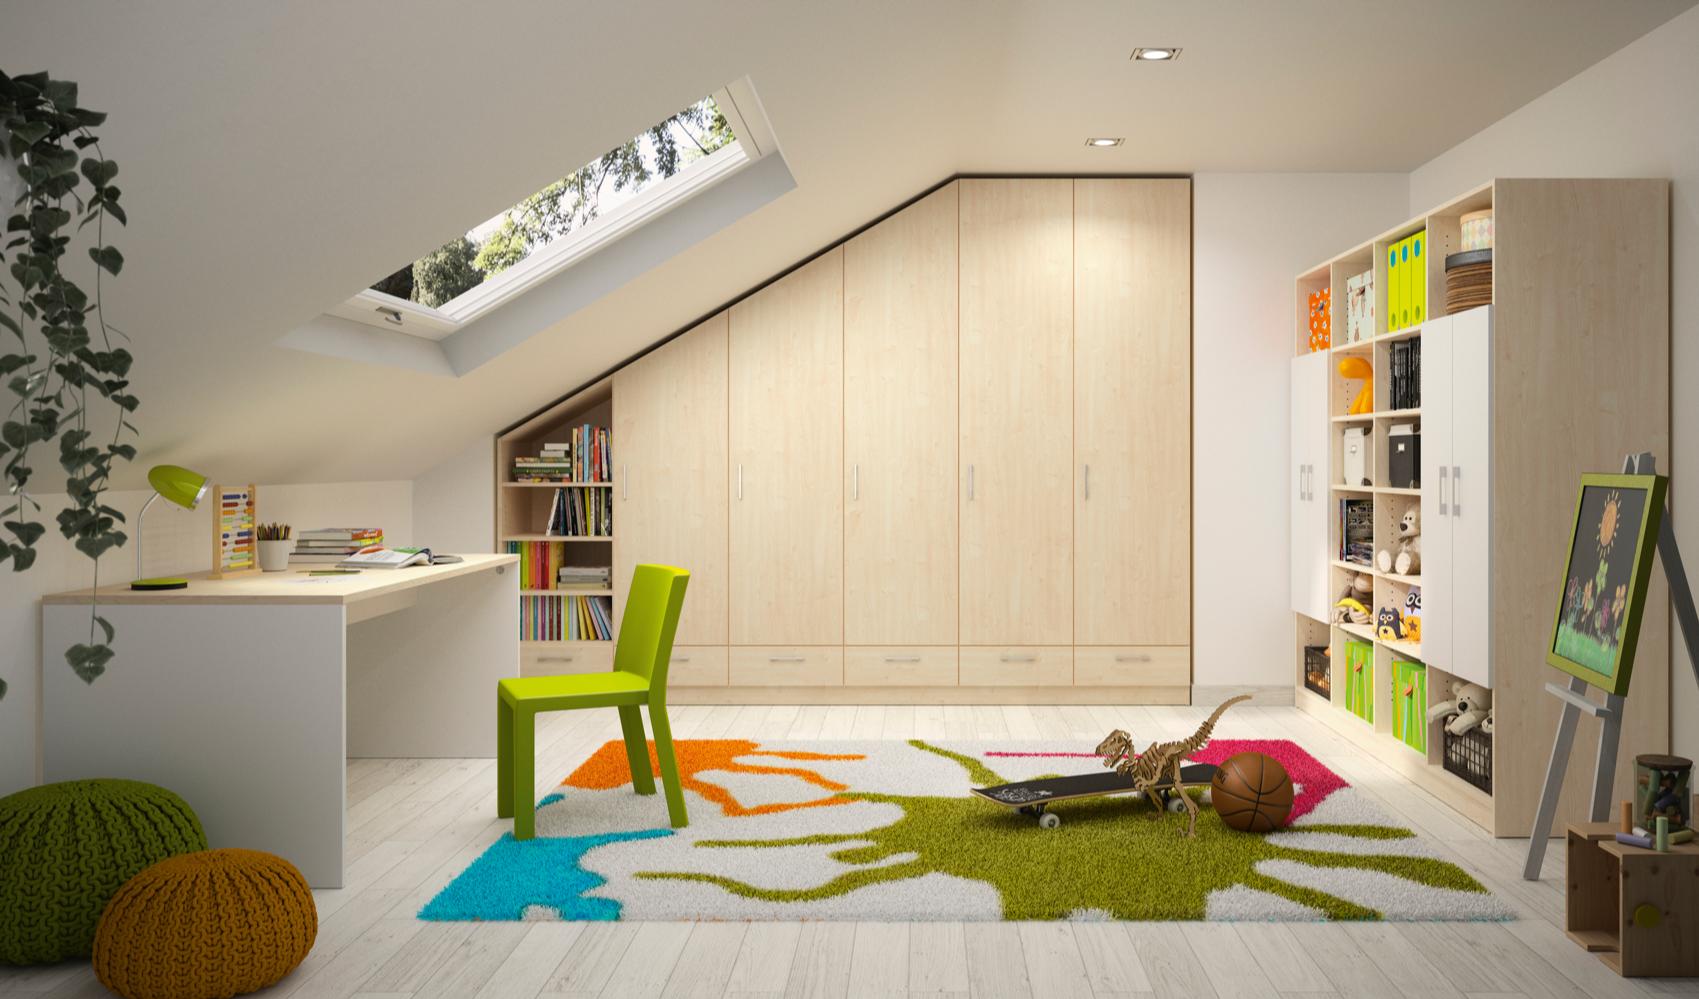 Kinderzimmer Befinden Sich Haufig Unterm Dach Um Dort Den